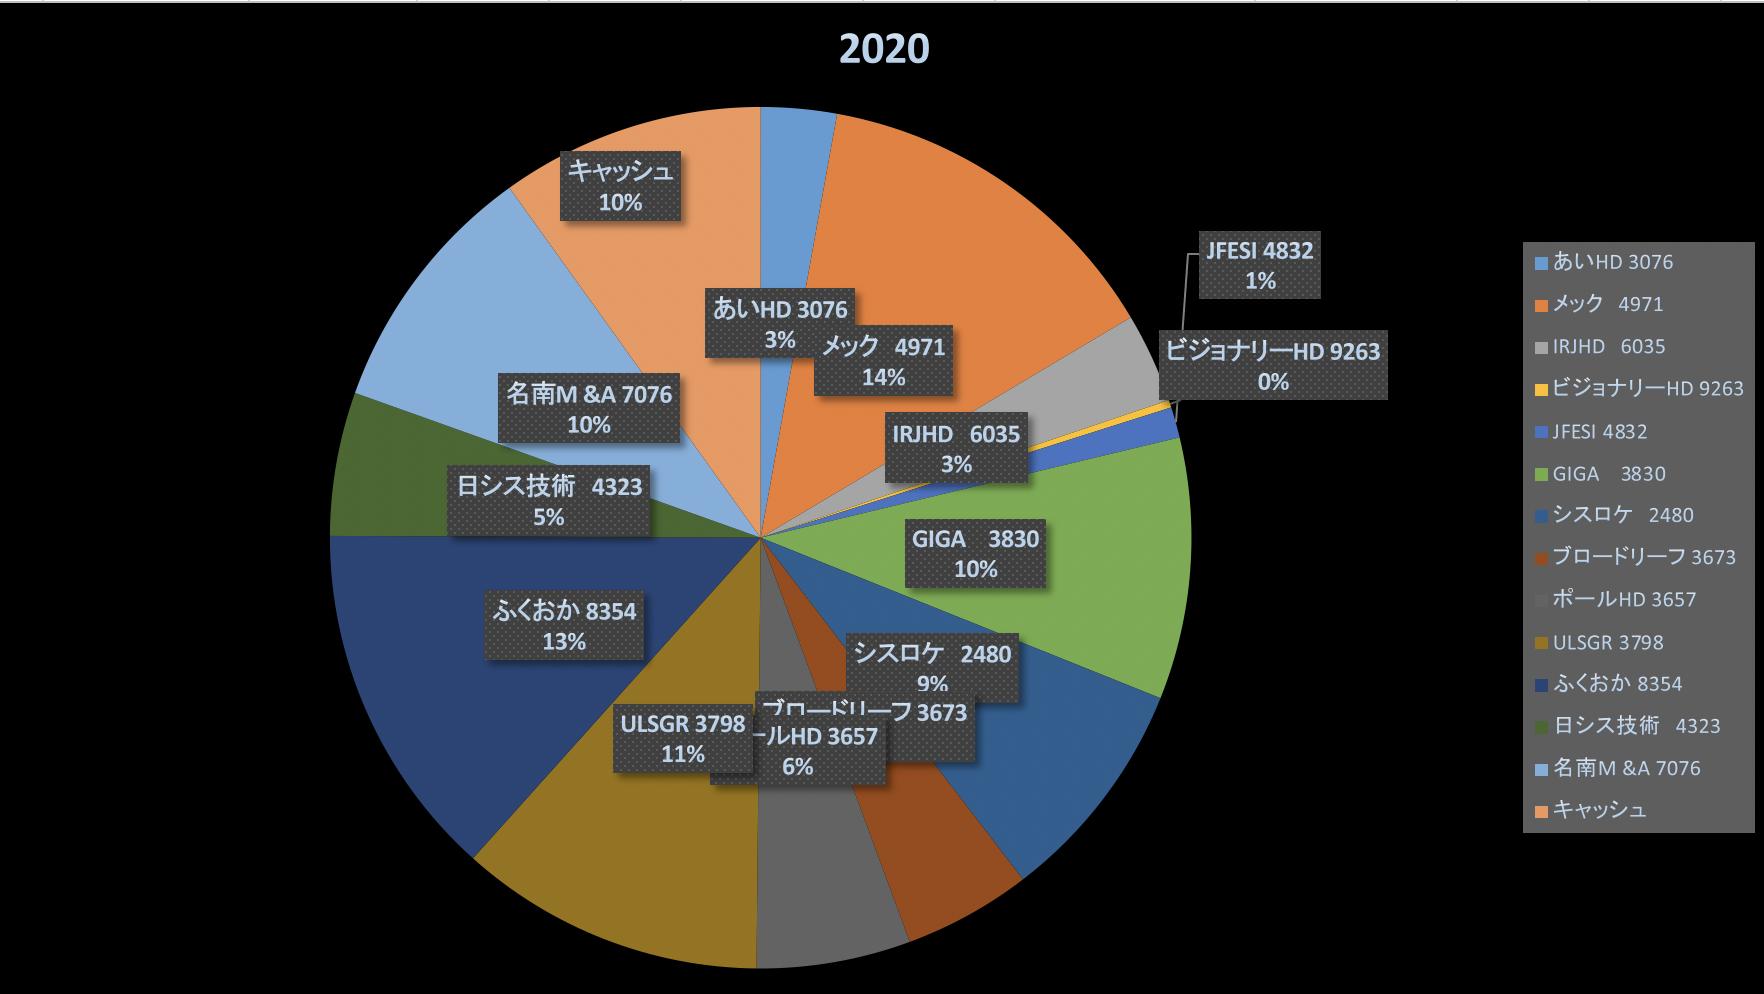 日露戦争の時代から株クラは変わっていない(株式投資成績報告2020/10/23)